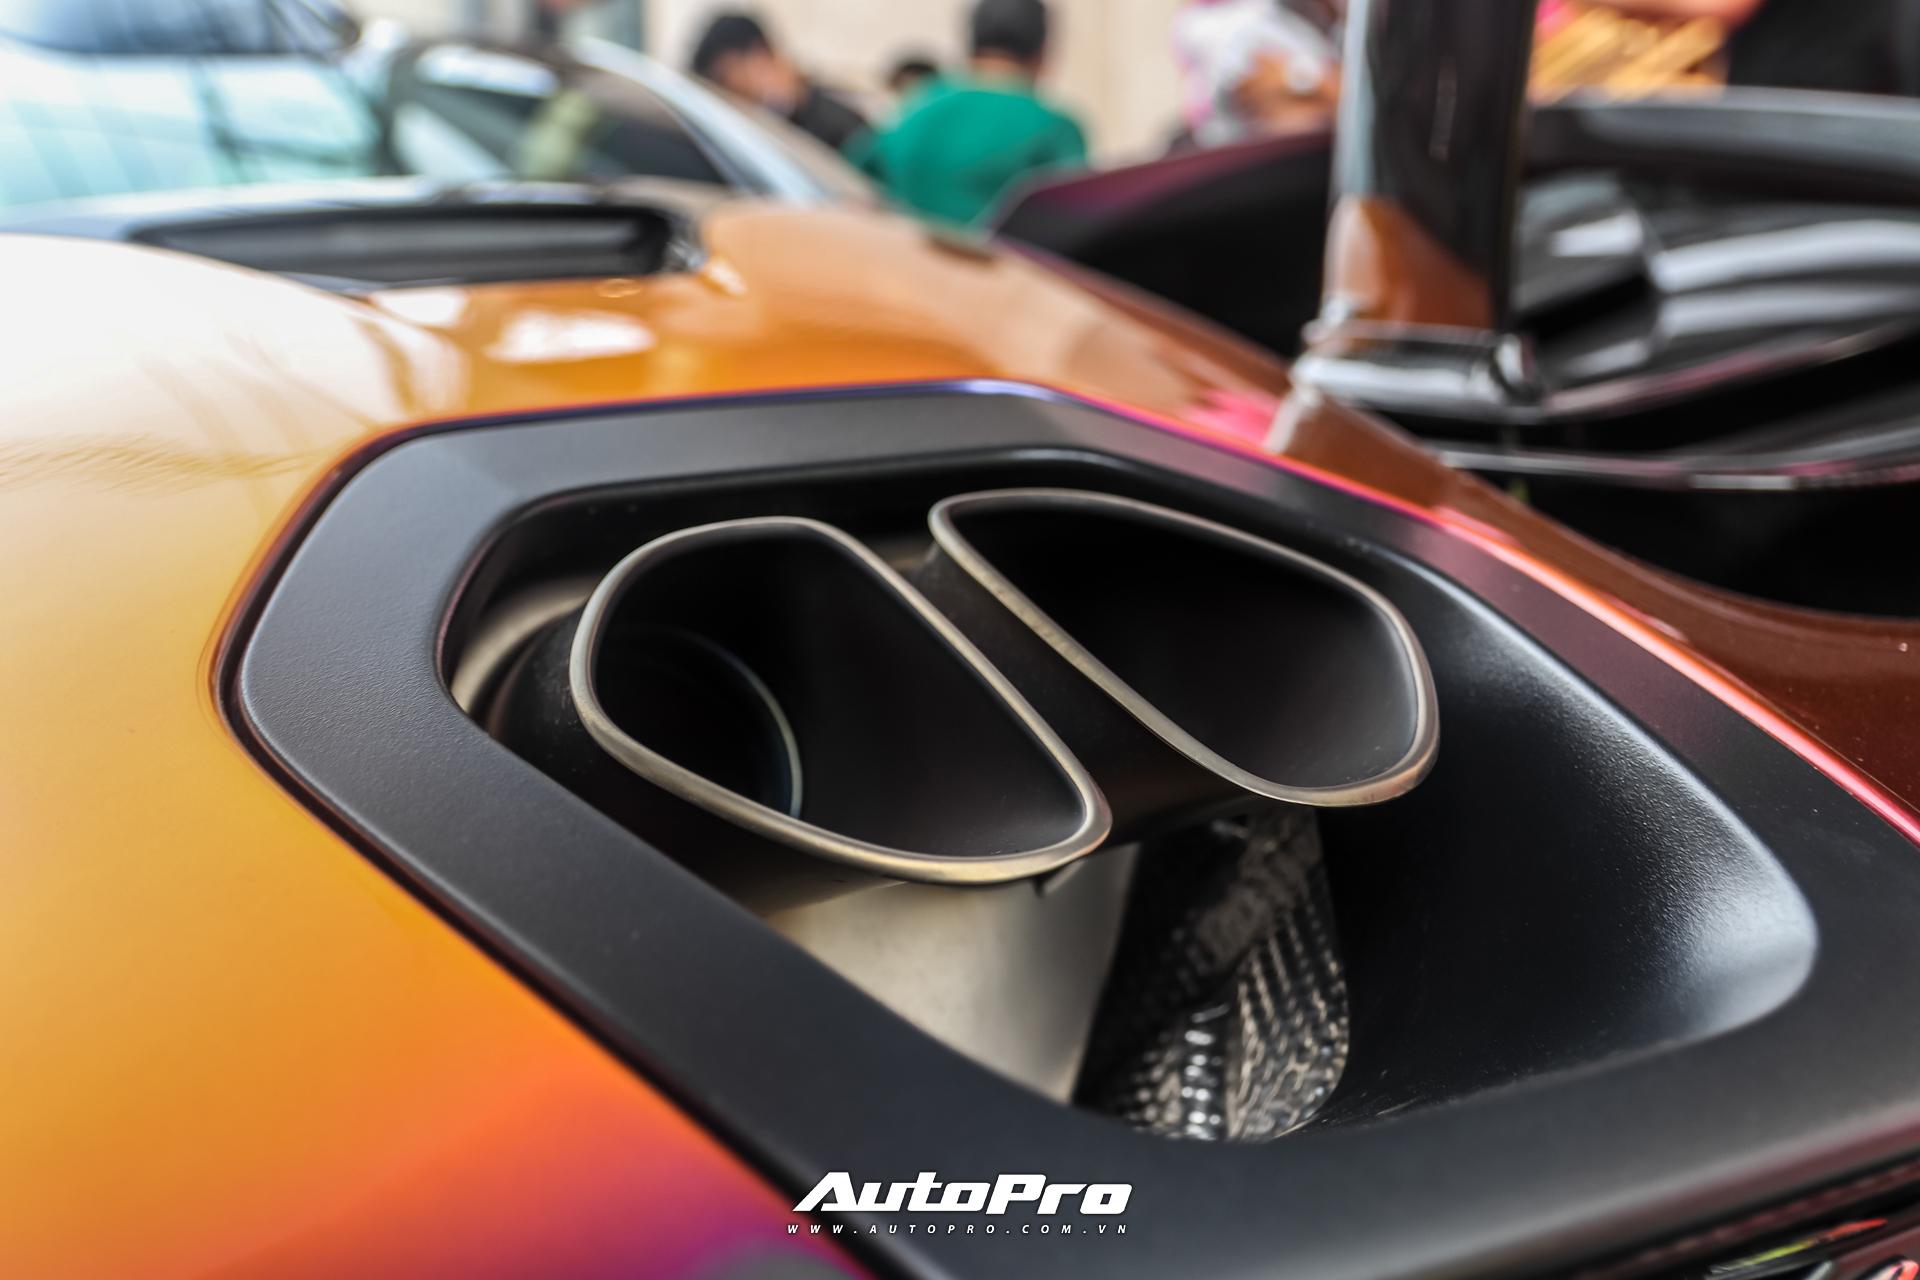 Bên trong khoang nội thất, xe sử dụng da Alcantara đen, điểm xuyết chỉ khâu màu cam. Ô kính 2 bên cửa xe giúp người lái có thể nhìn xuống mặt đường khi đang di chuyển.